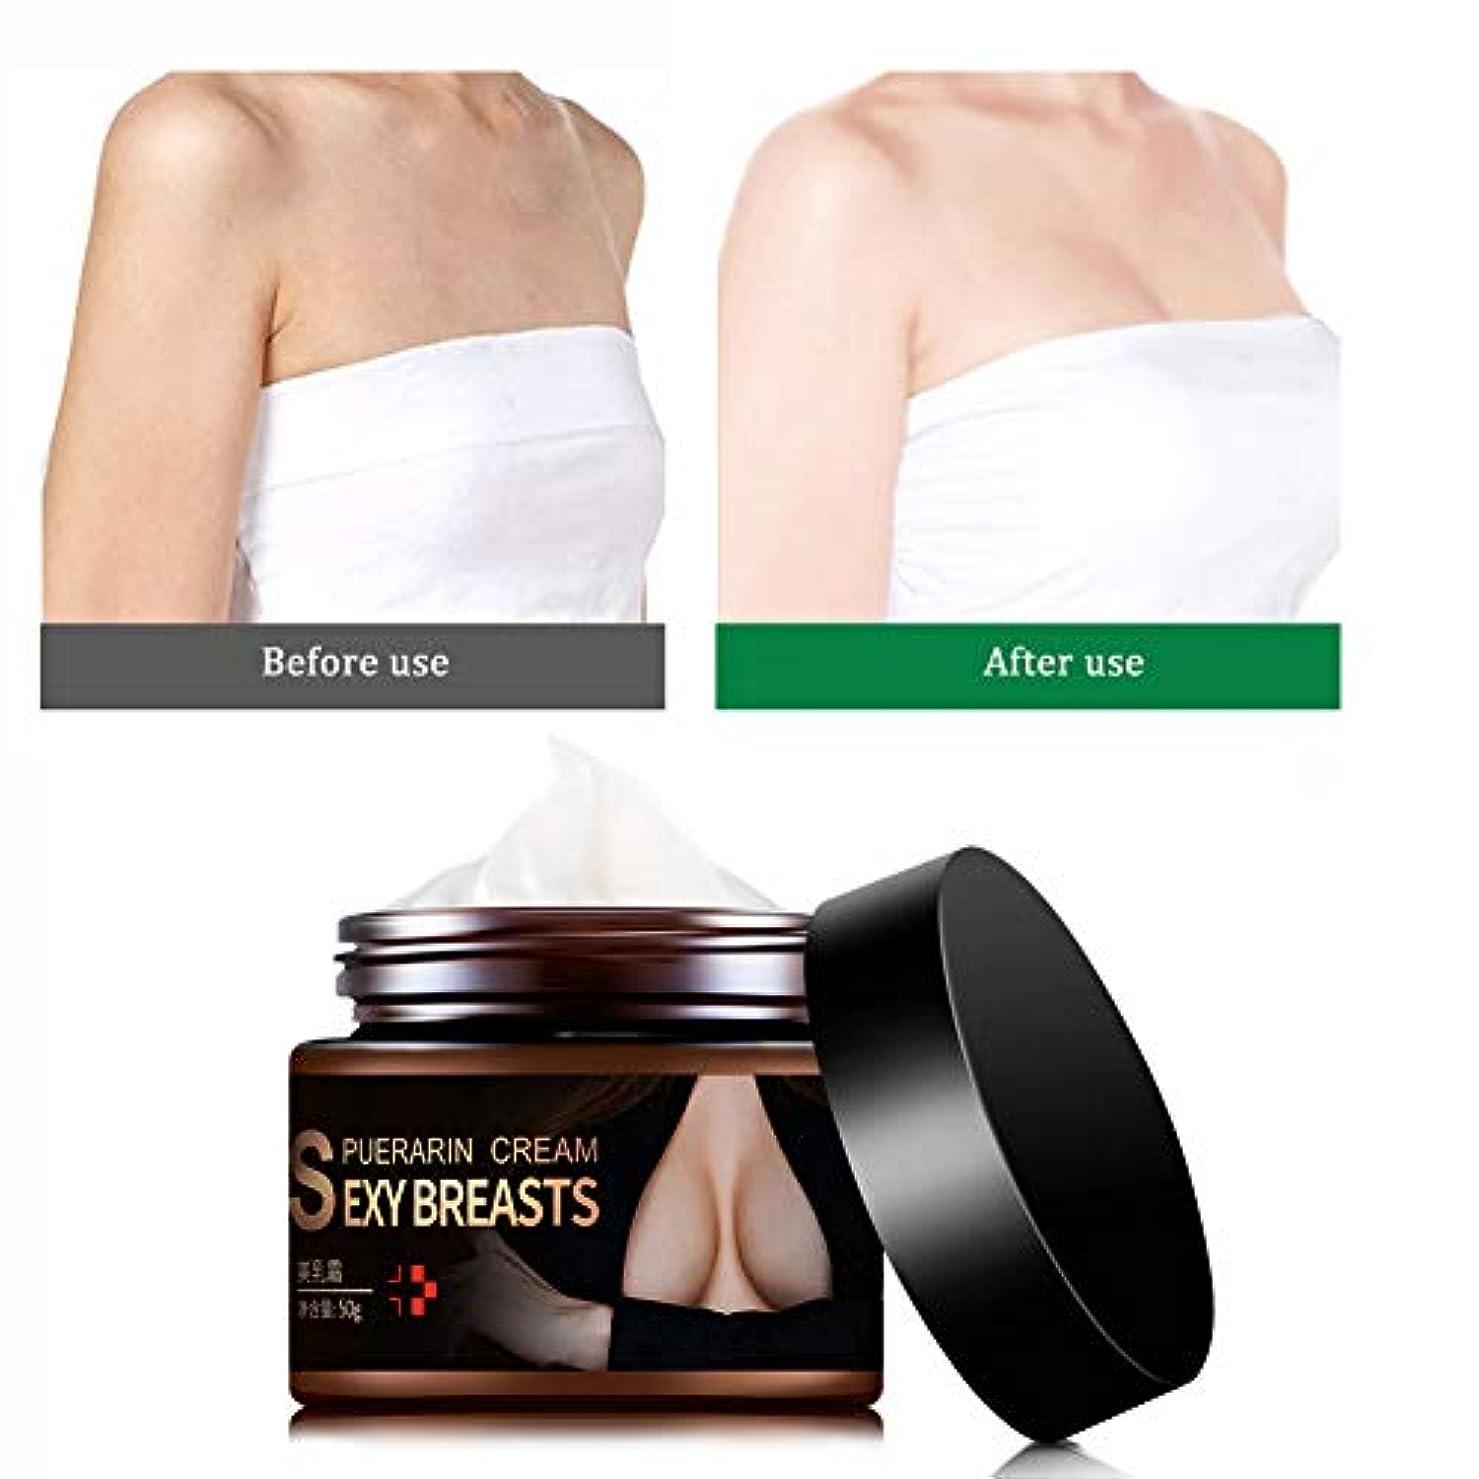 シャベルムスタチオ委任するBalai バストブレストナチュラルマッサージクリーム 持ち上げる乳房増強クリームの引き締め